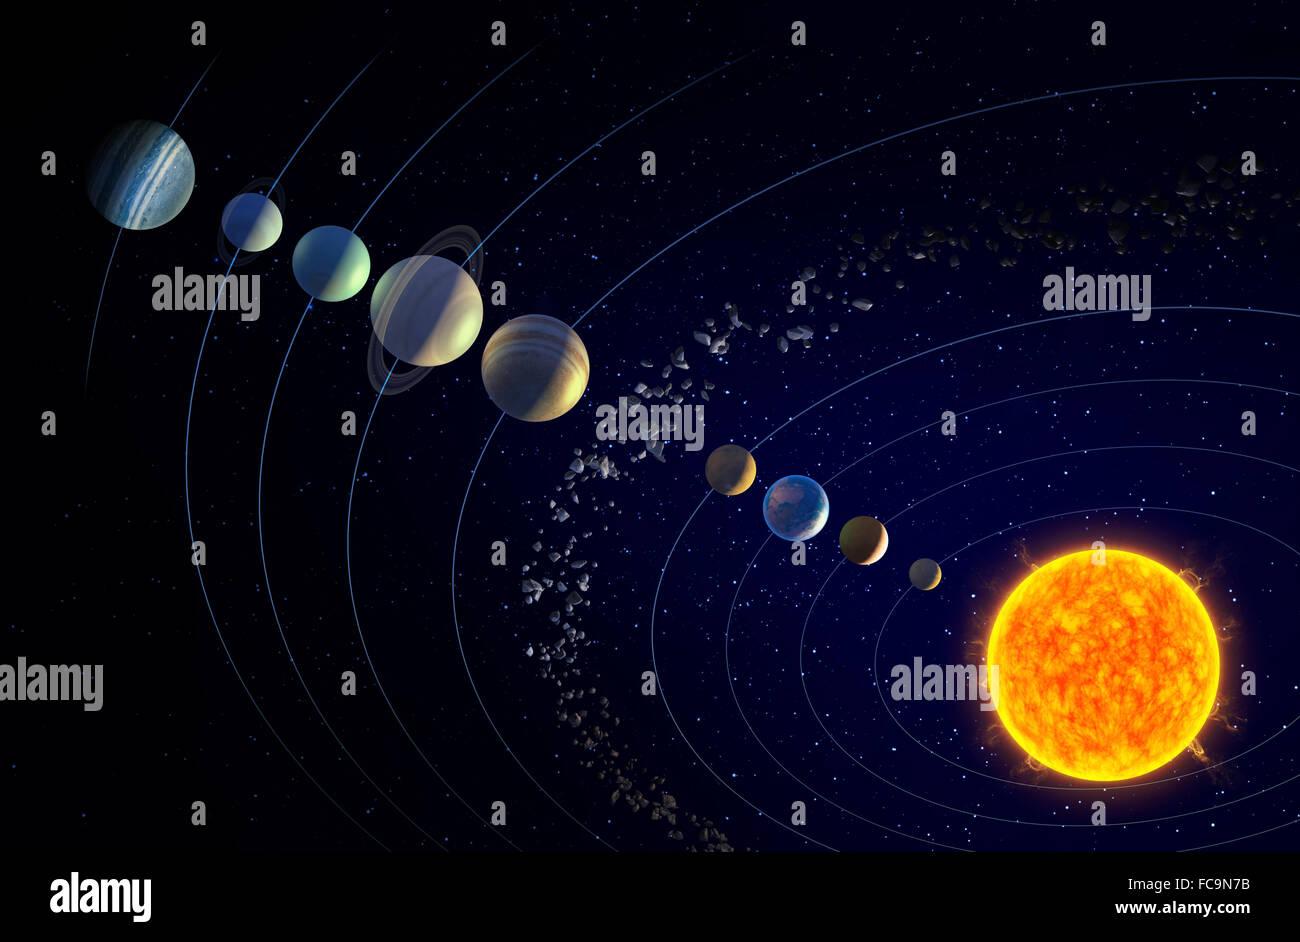 Solaranlage mit theoretisierte neunte Planet X angezeigt Stockbild